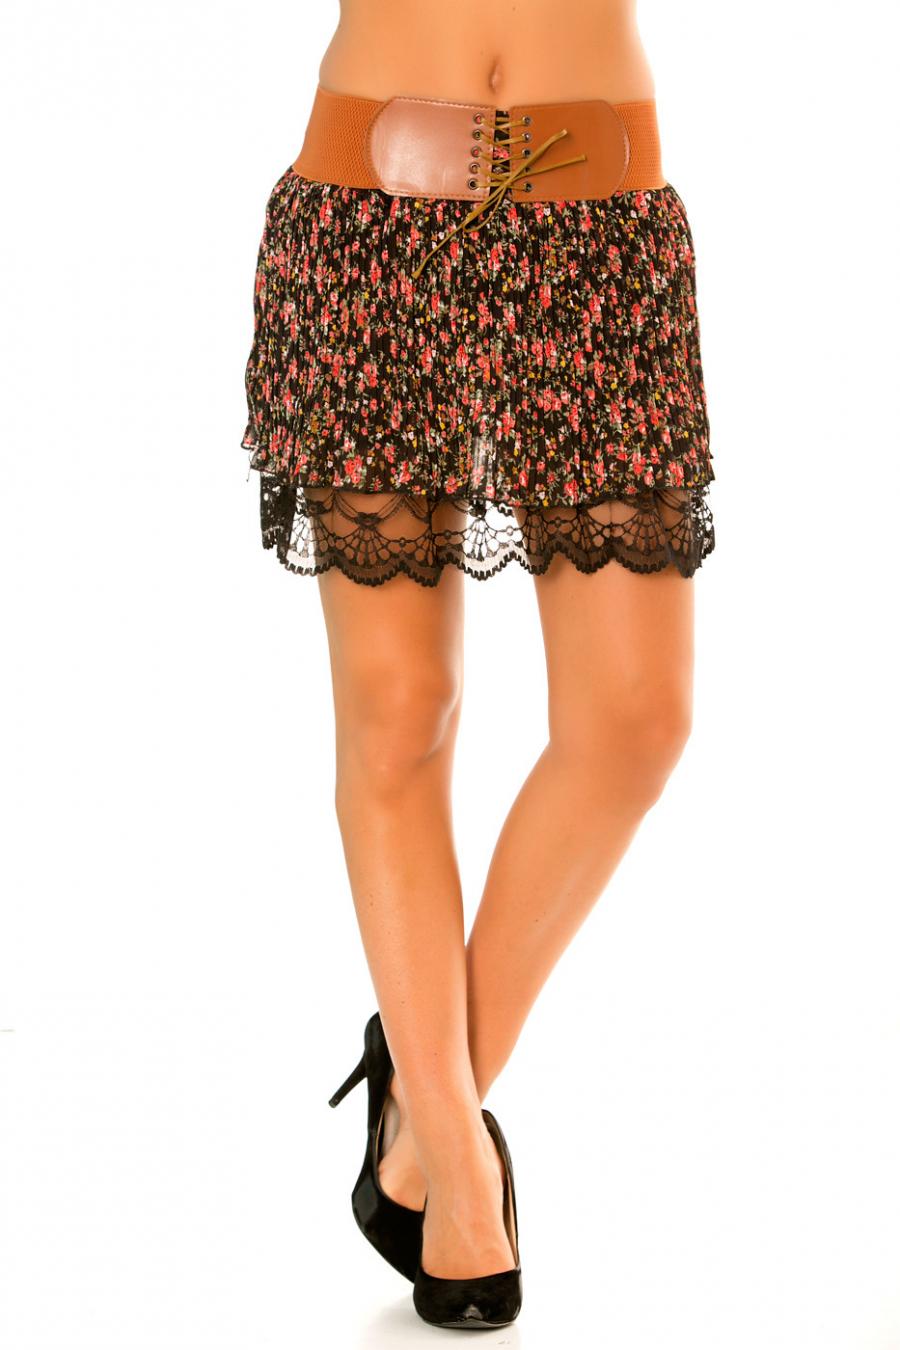 Mini jupe liberty Noir/Rouge plissé avec doublure dentelle et ceinture camel élastique. 626